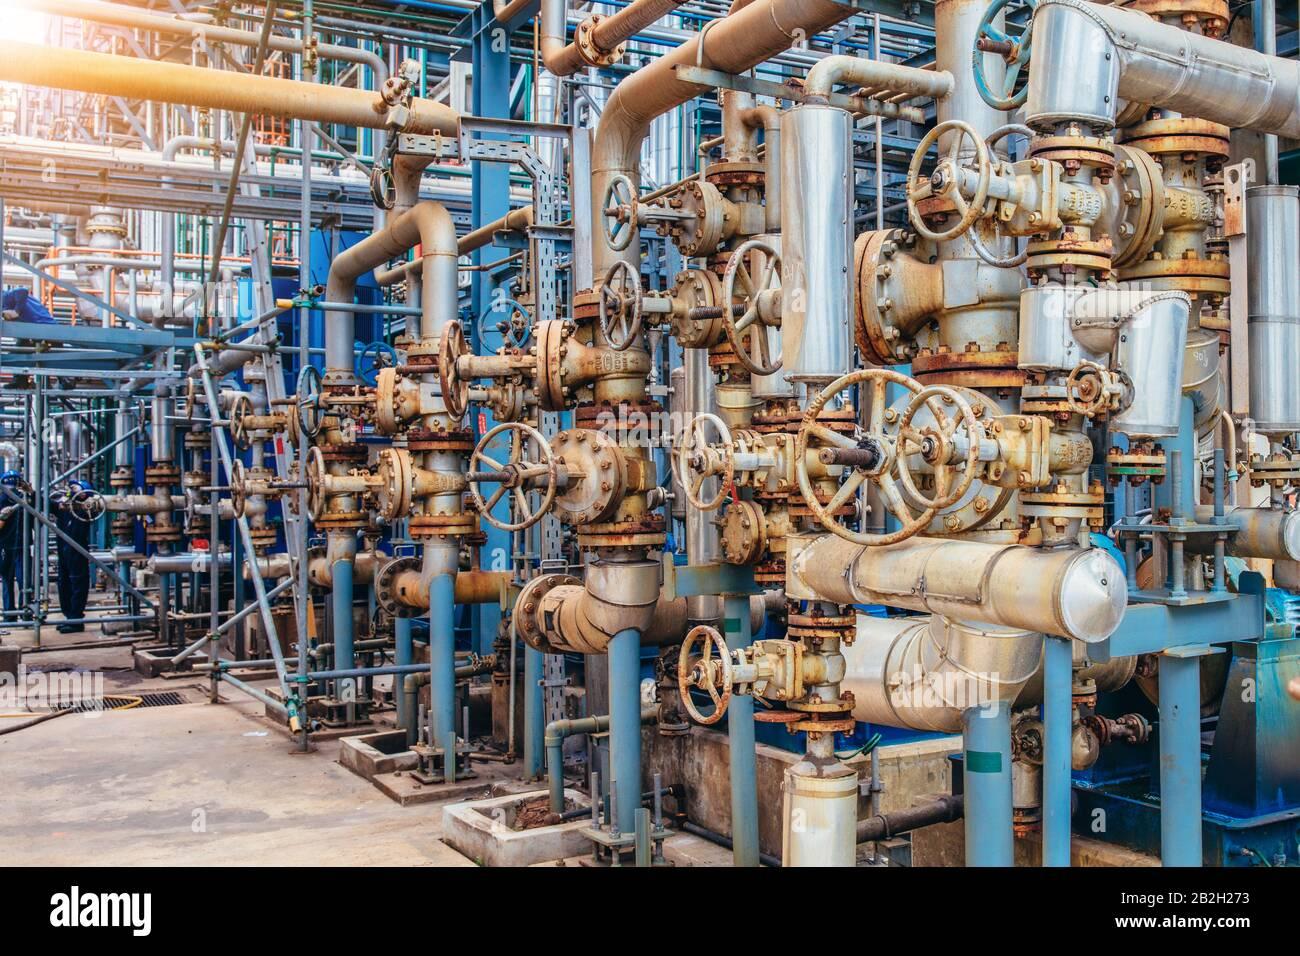 Industrial Zone, die Ausrüstung der Erdölraffination, in der Nähe von industriellen Rohrleitungen für eine Öl-Raffinerieanlage, Detail der Ölpipeline mit Ventilen in großen Oi Stockfoto